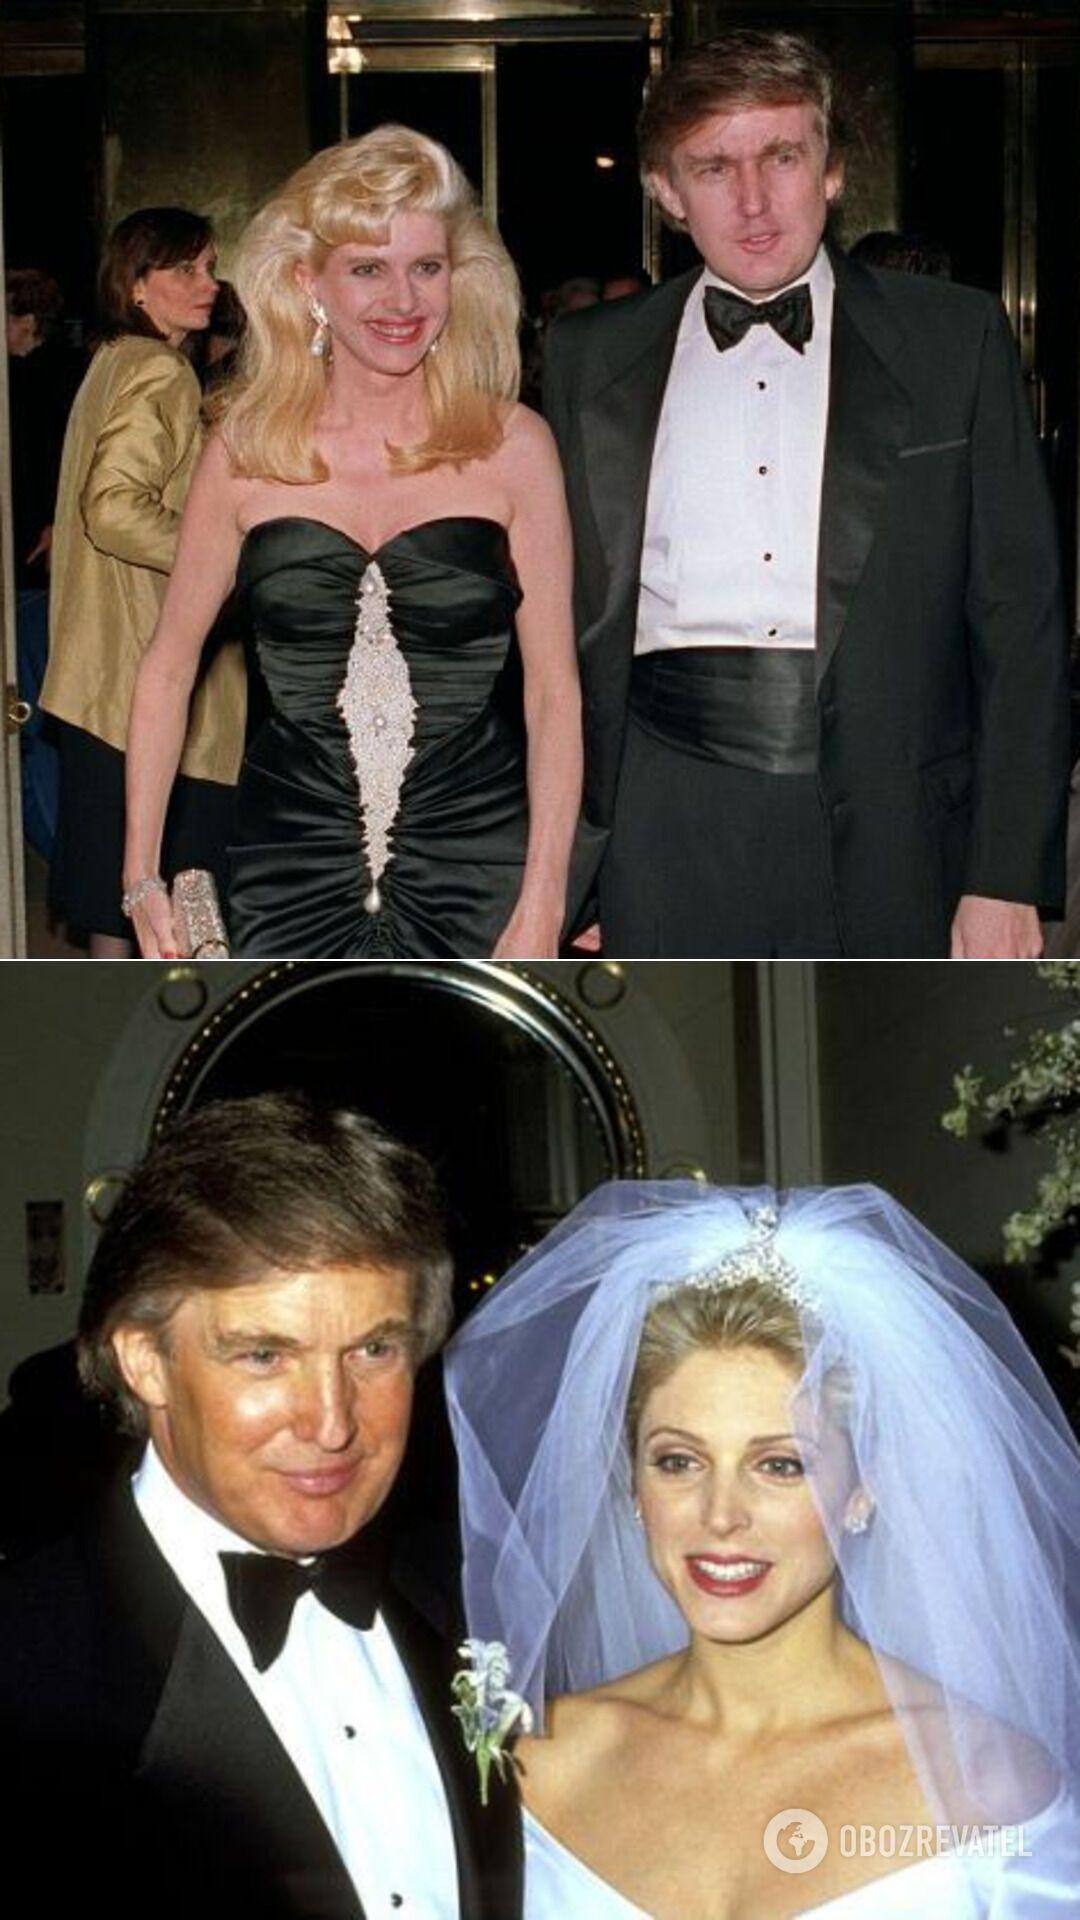 Дональд Трамп с первой женой Иванкой;  свадьба Дональда Трампа и Марлы Мэйплз (1993 год)